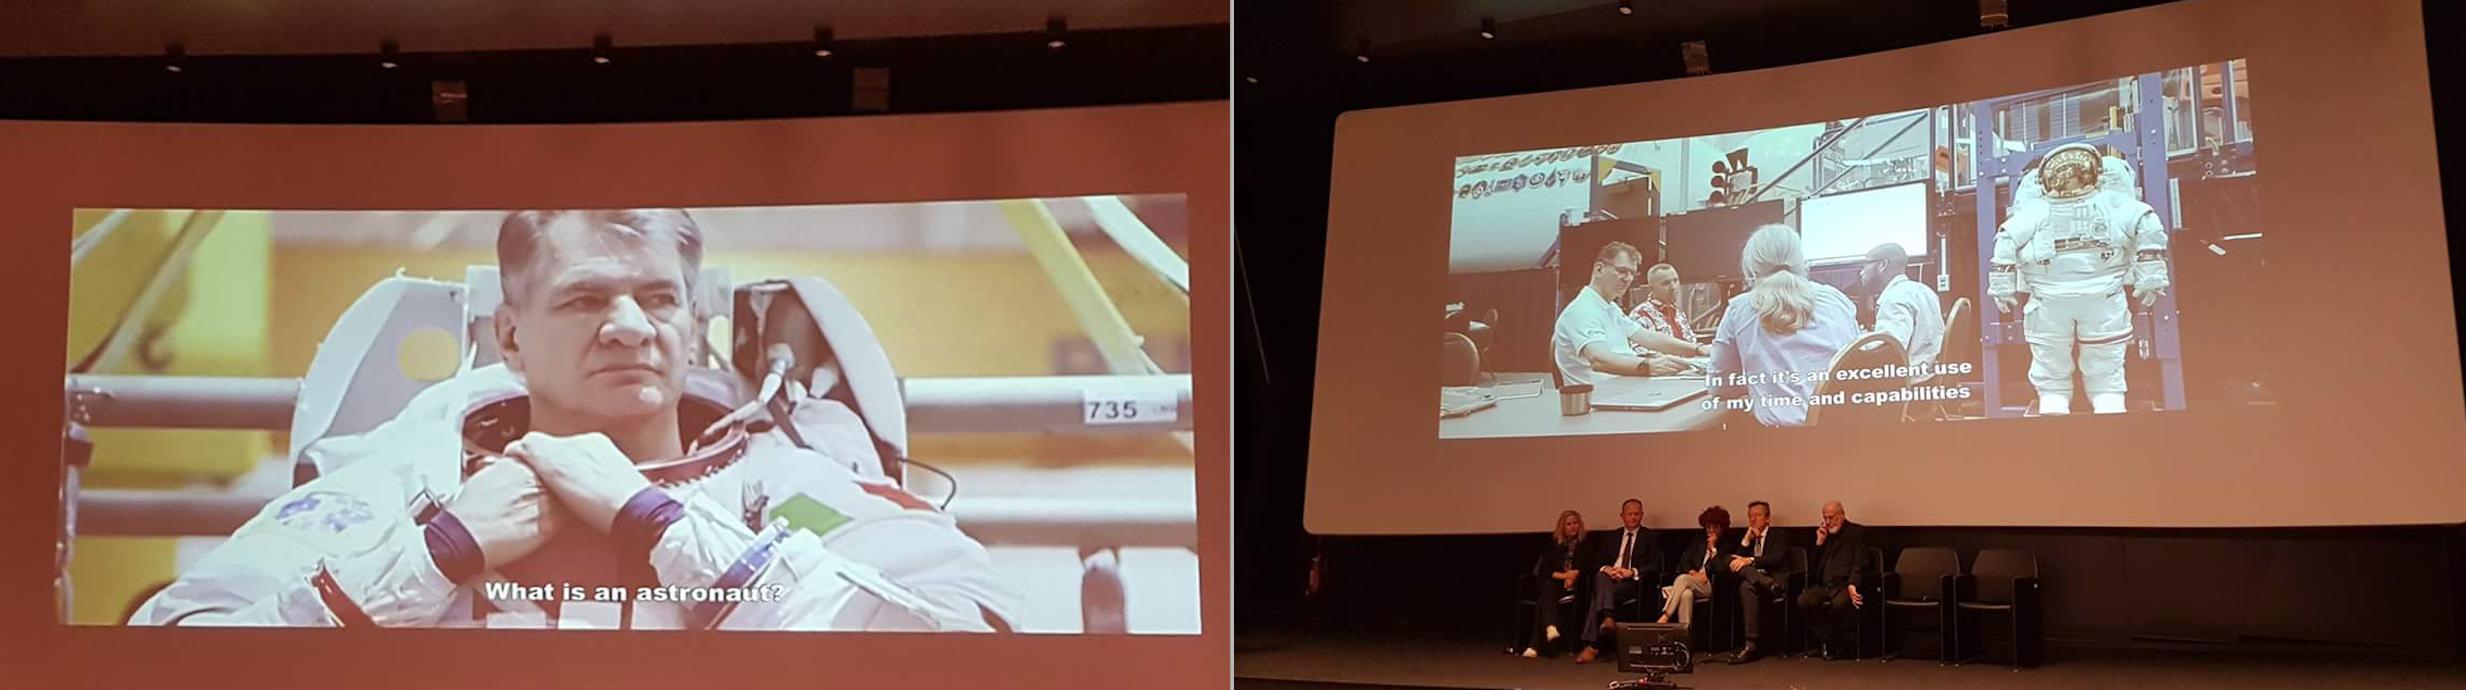 """Due scene tratte dall'anteprima del documentario """"Expedition"""" di Alessandra Bonavina. Foto: Gianpietro Ferrario"""